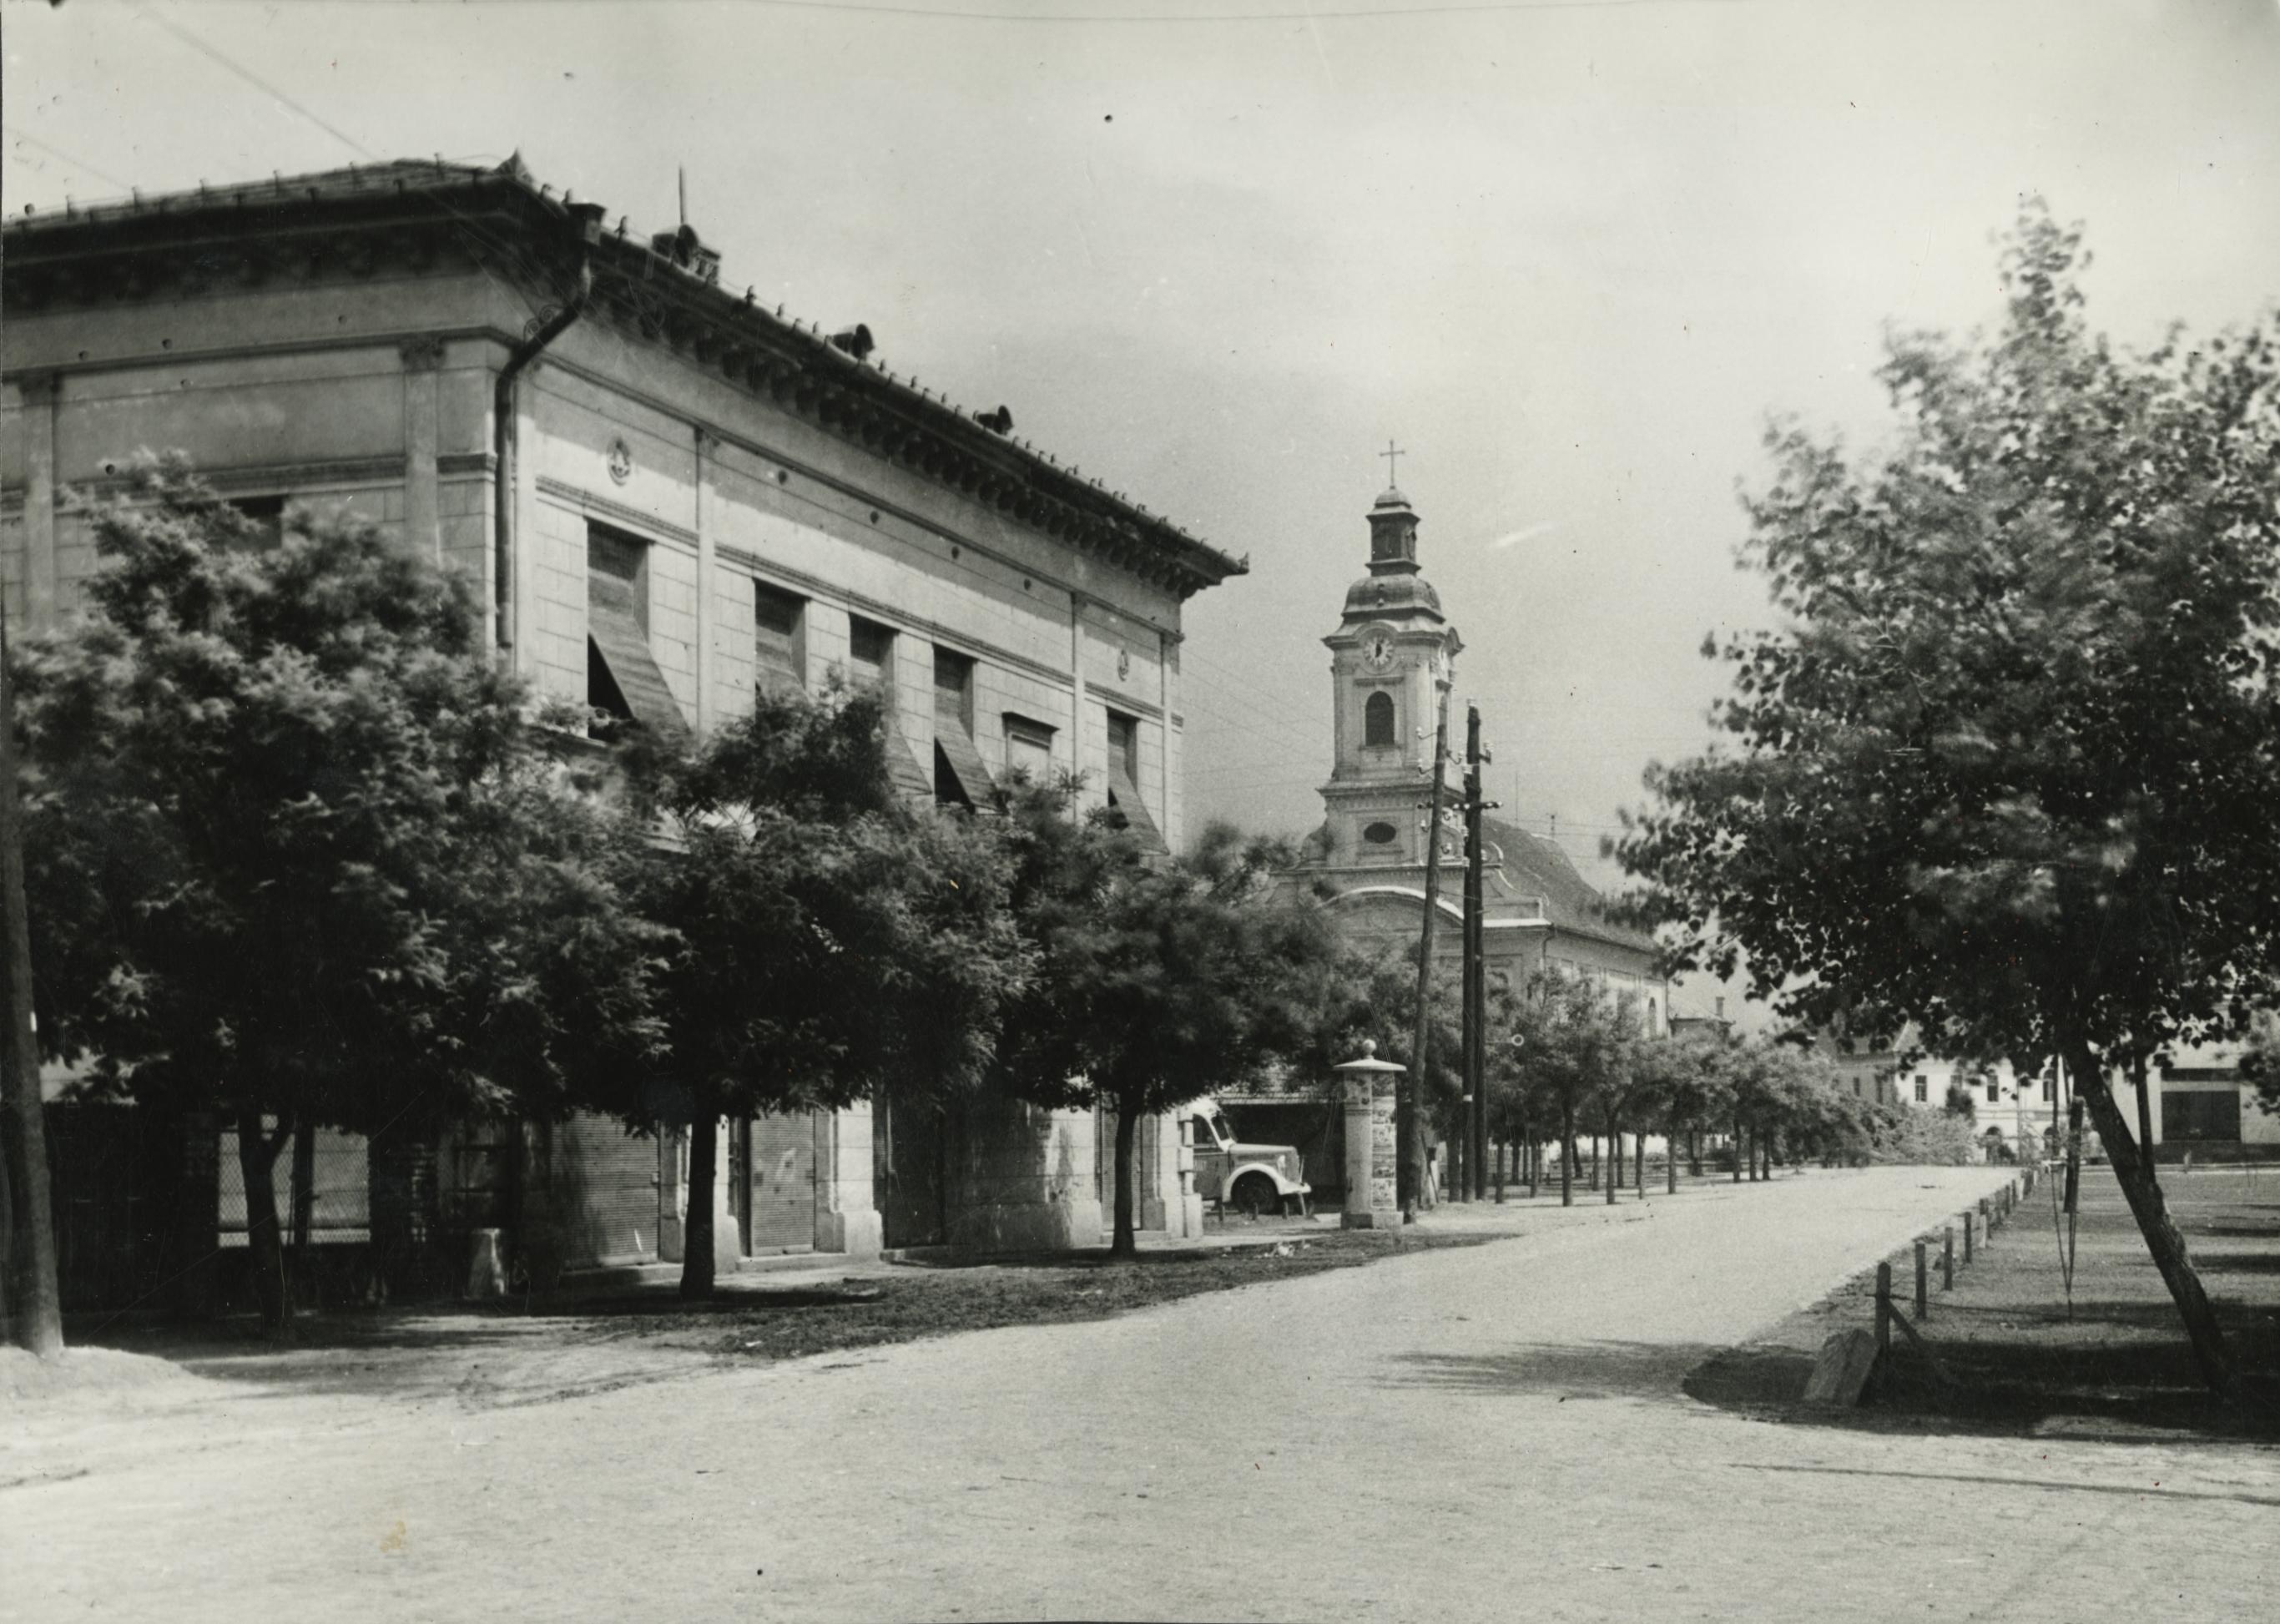 Abony központja a Nagykőrösi utca felől